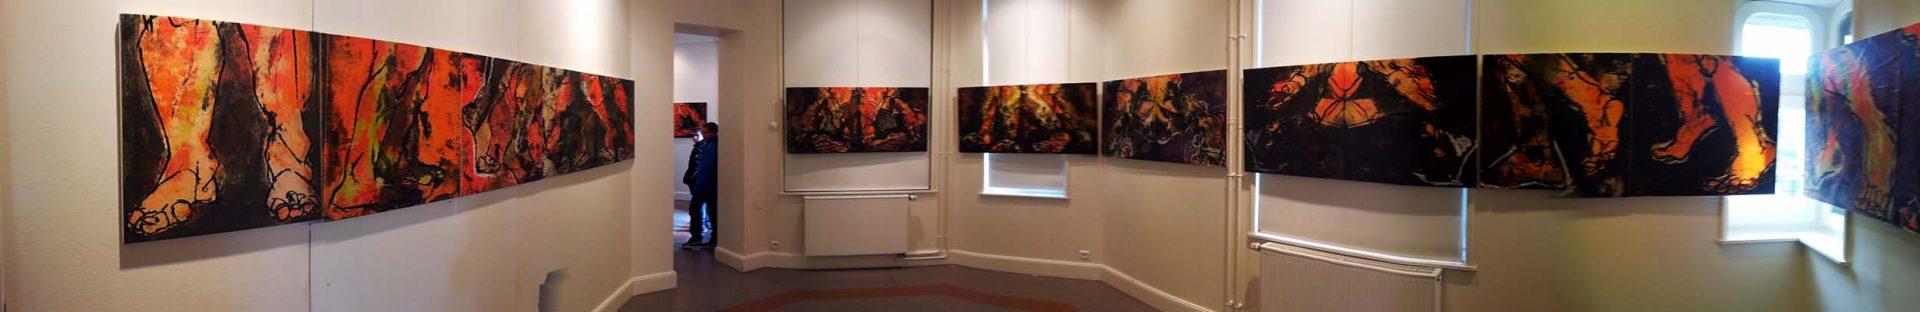 LES PARCOURS - Installation l'Atelier de MITRY MORY 77 (6 000 x 68) -  mars avril 2013 - Pastel, acrylique et huile sur papier chinois marouflé sur toile - © Palombit